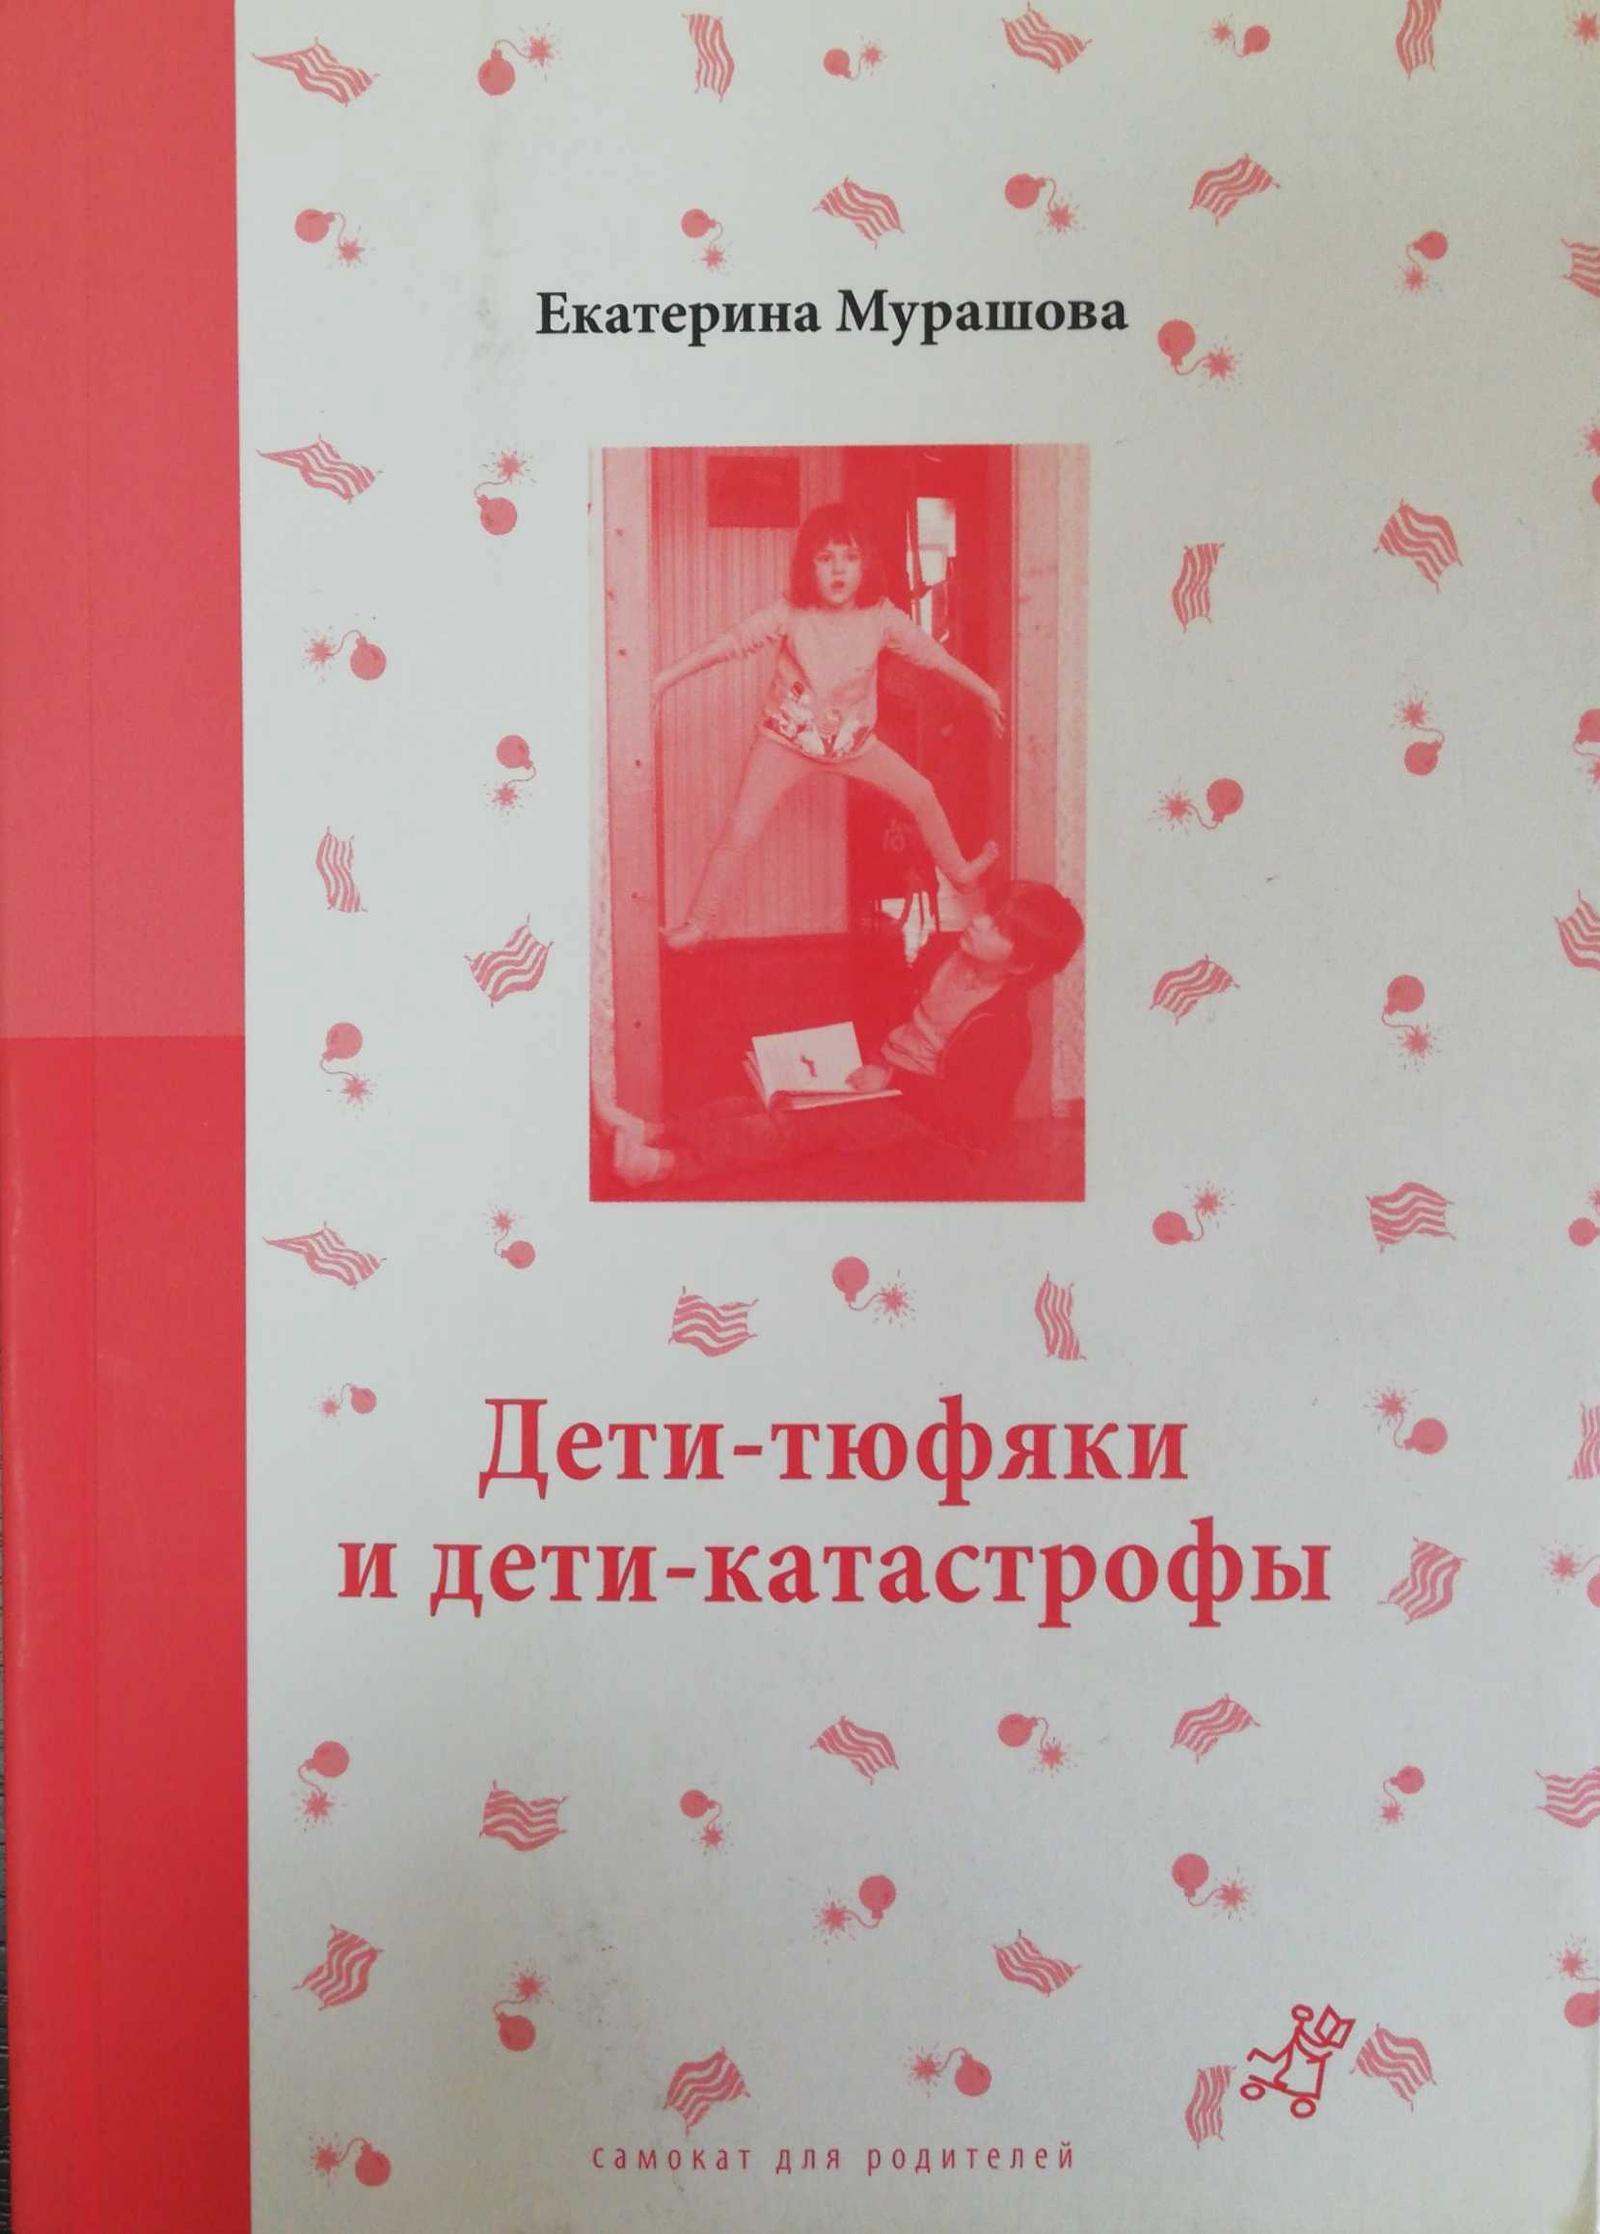 ЕкатеринаМурашова. Дети-тюфяки и дети-катастрофы. Гипердинамический и гоподинамический синдромы